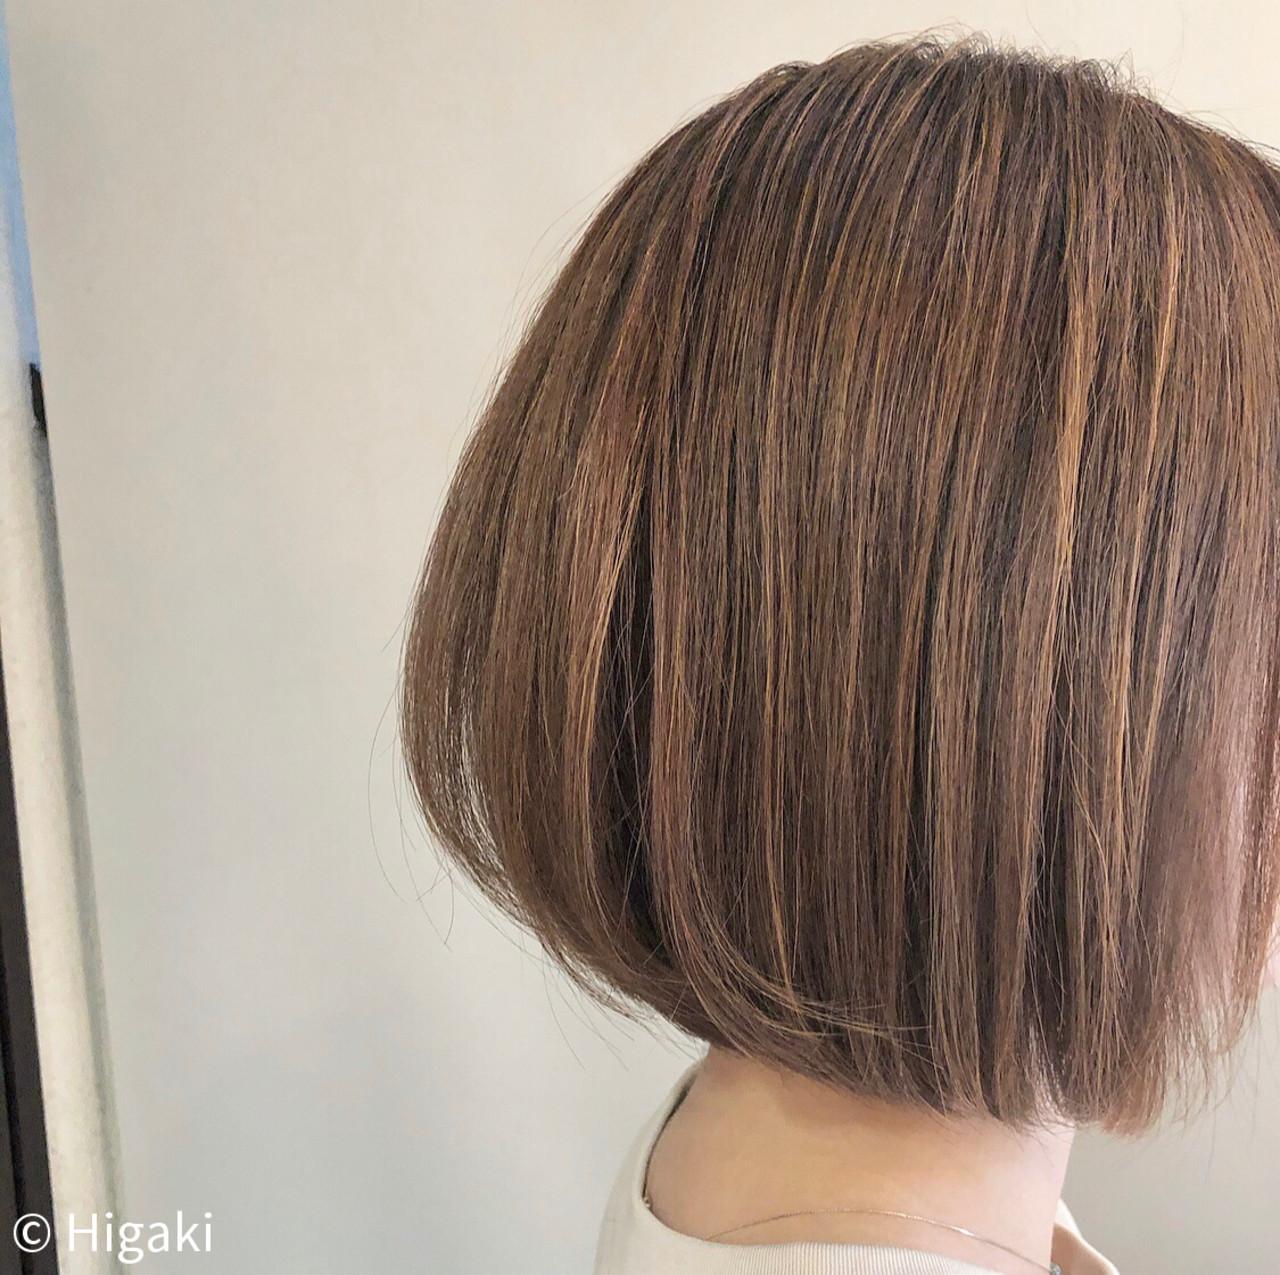 ゆるナチュラル かっこいい シルバーグレイ ボブ ヘアスタイルや髪型の写真・画像